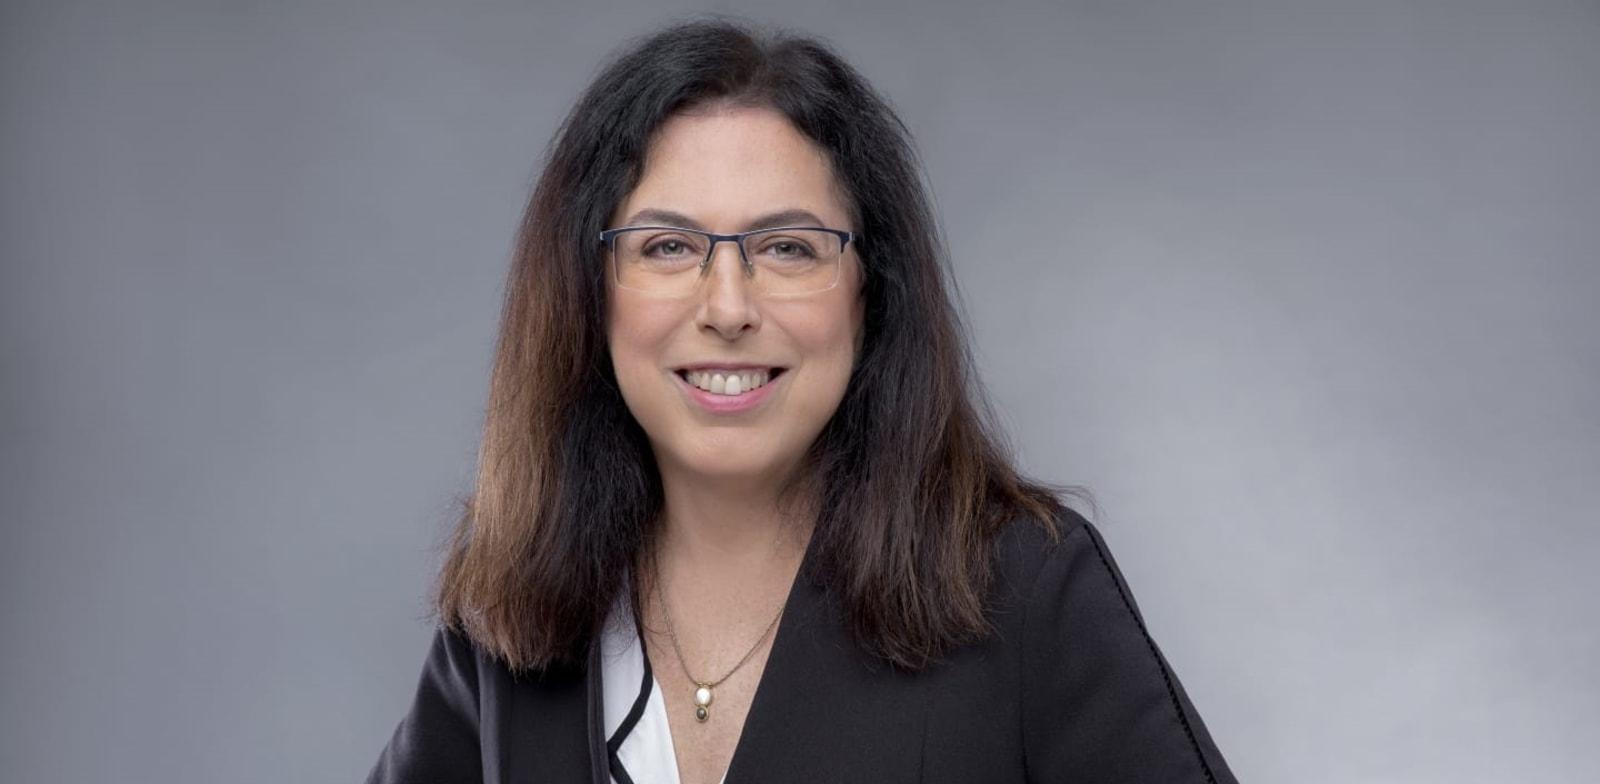 """ד""""ר אילנה ליפסקר–מודעי, מנהלת היחידה לאכיפה מינהלית ברשות ניירות ערך / צילום: ענבל מרמרי"""